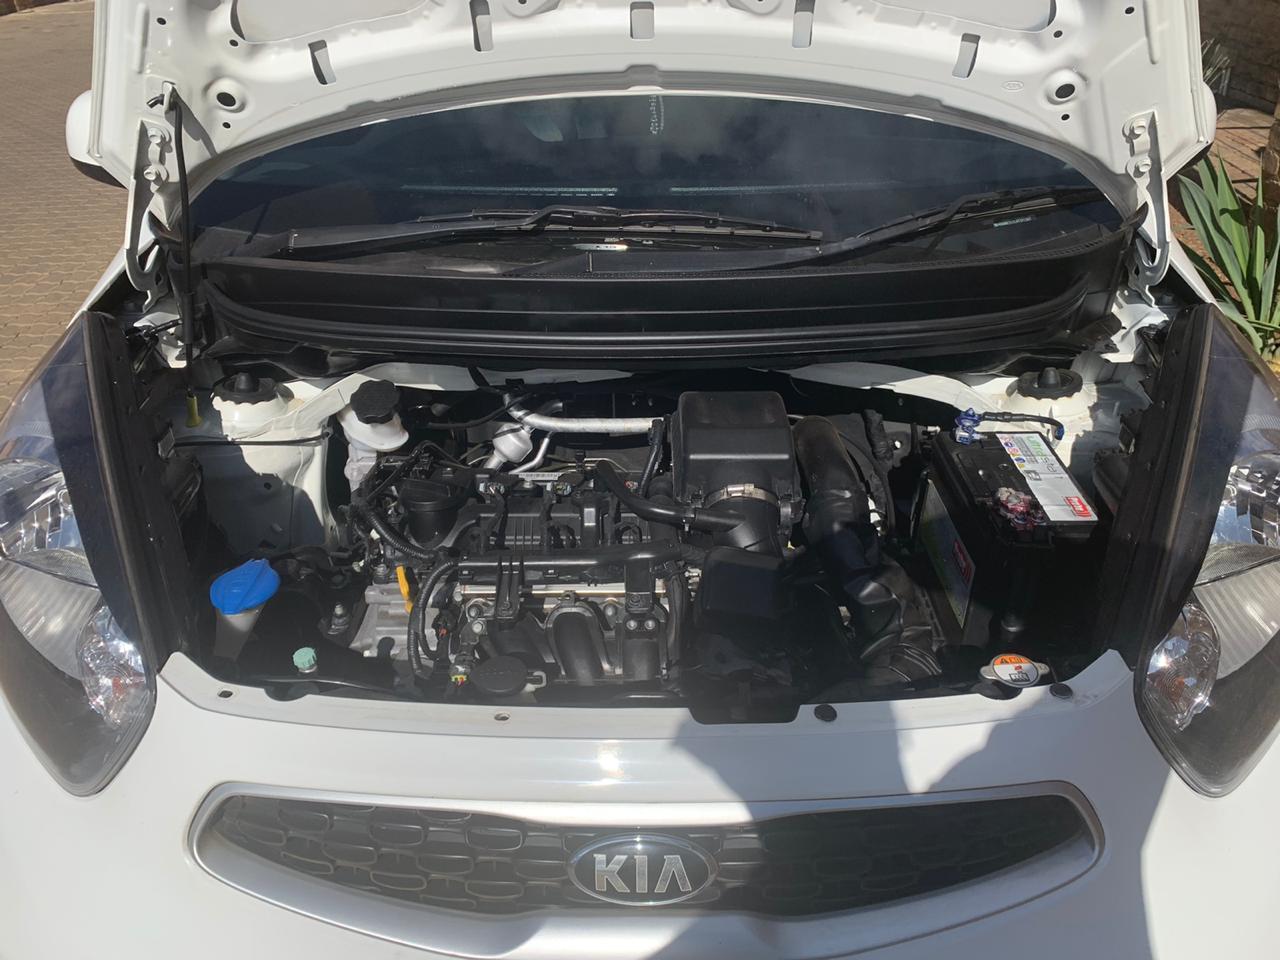 2017 Kia Picanto 1.0 LS